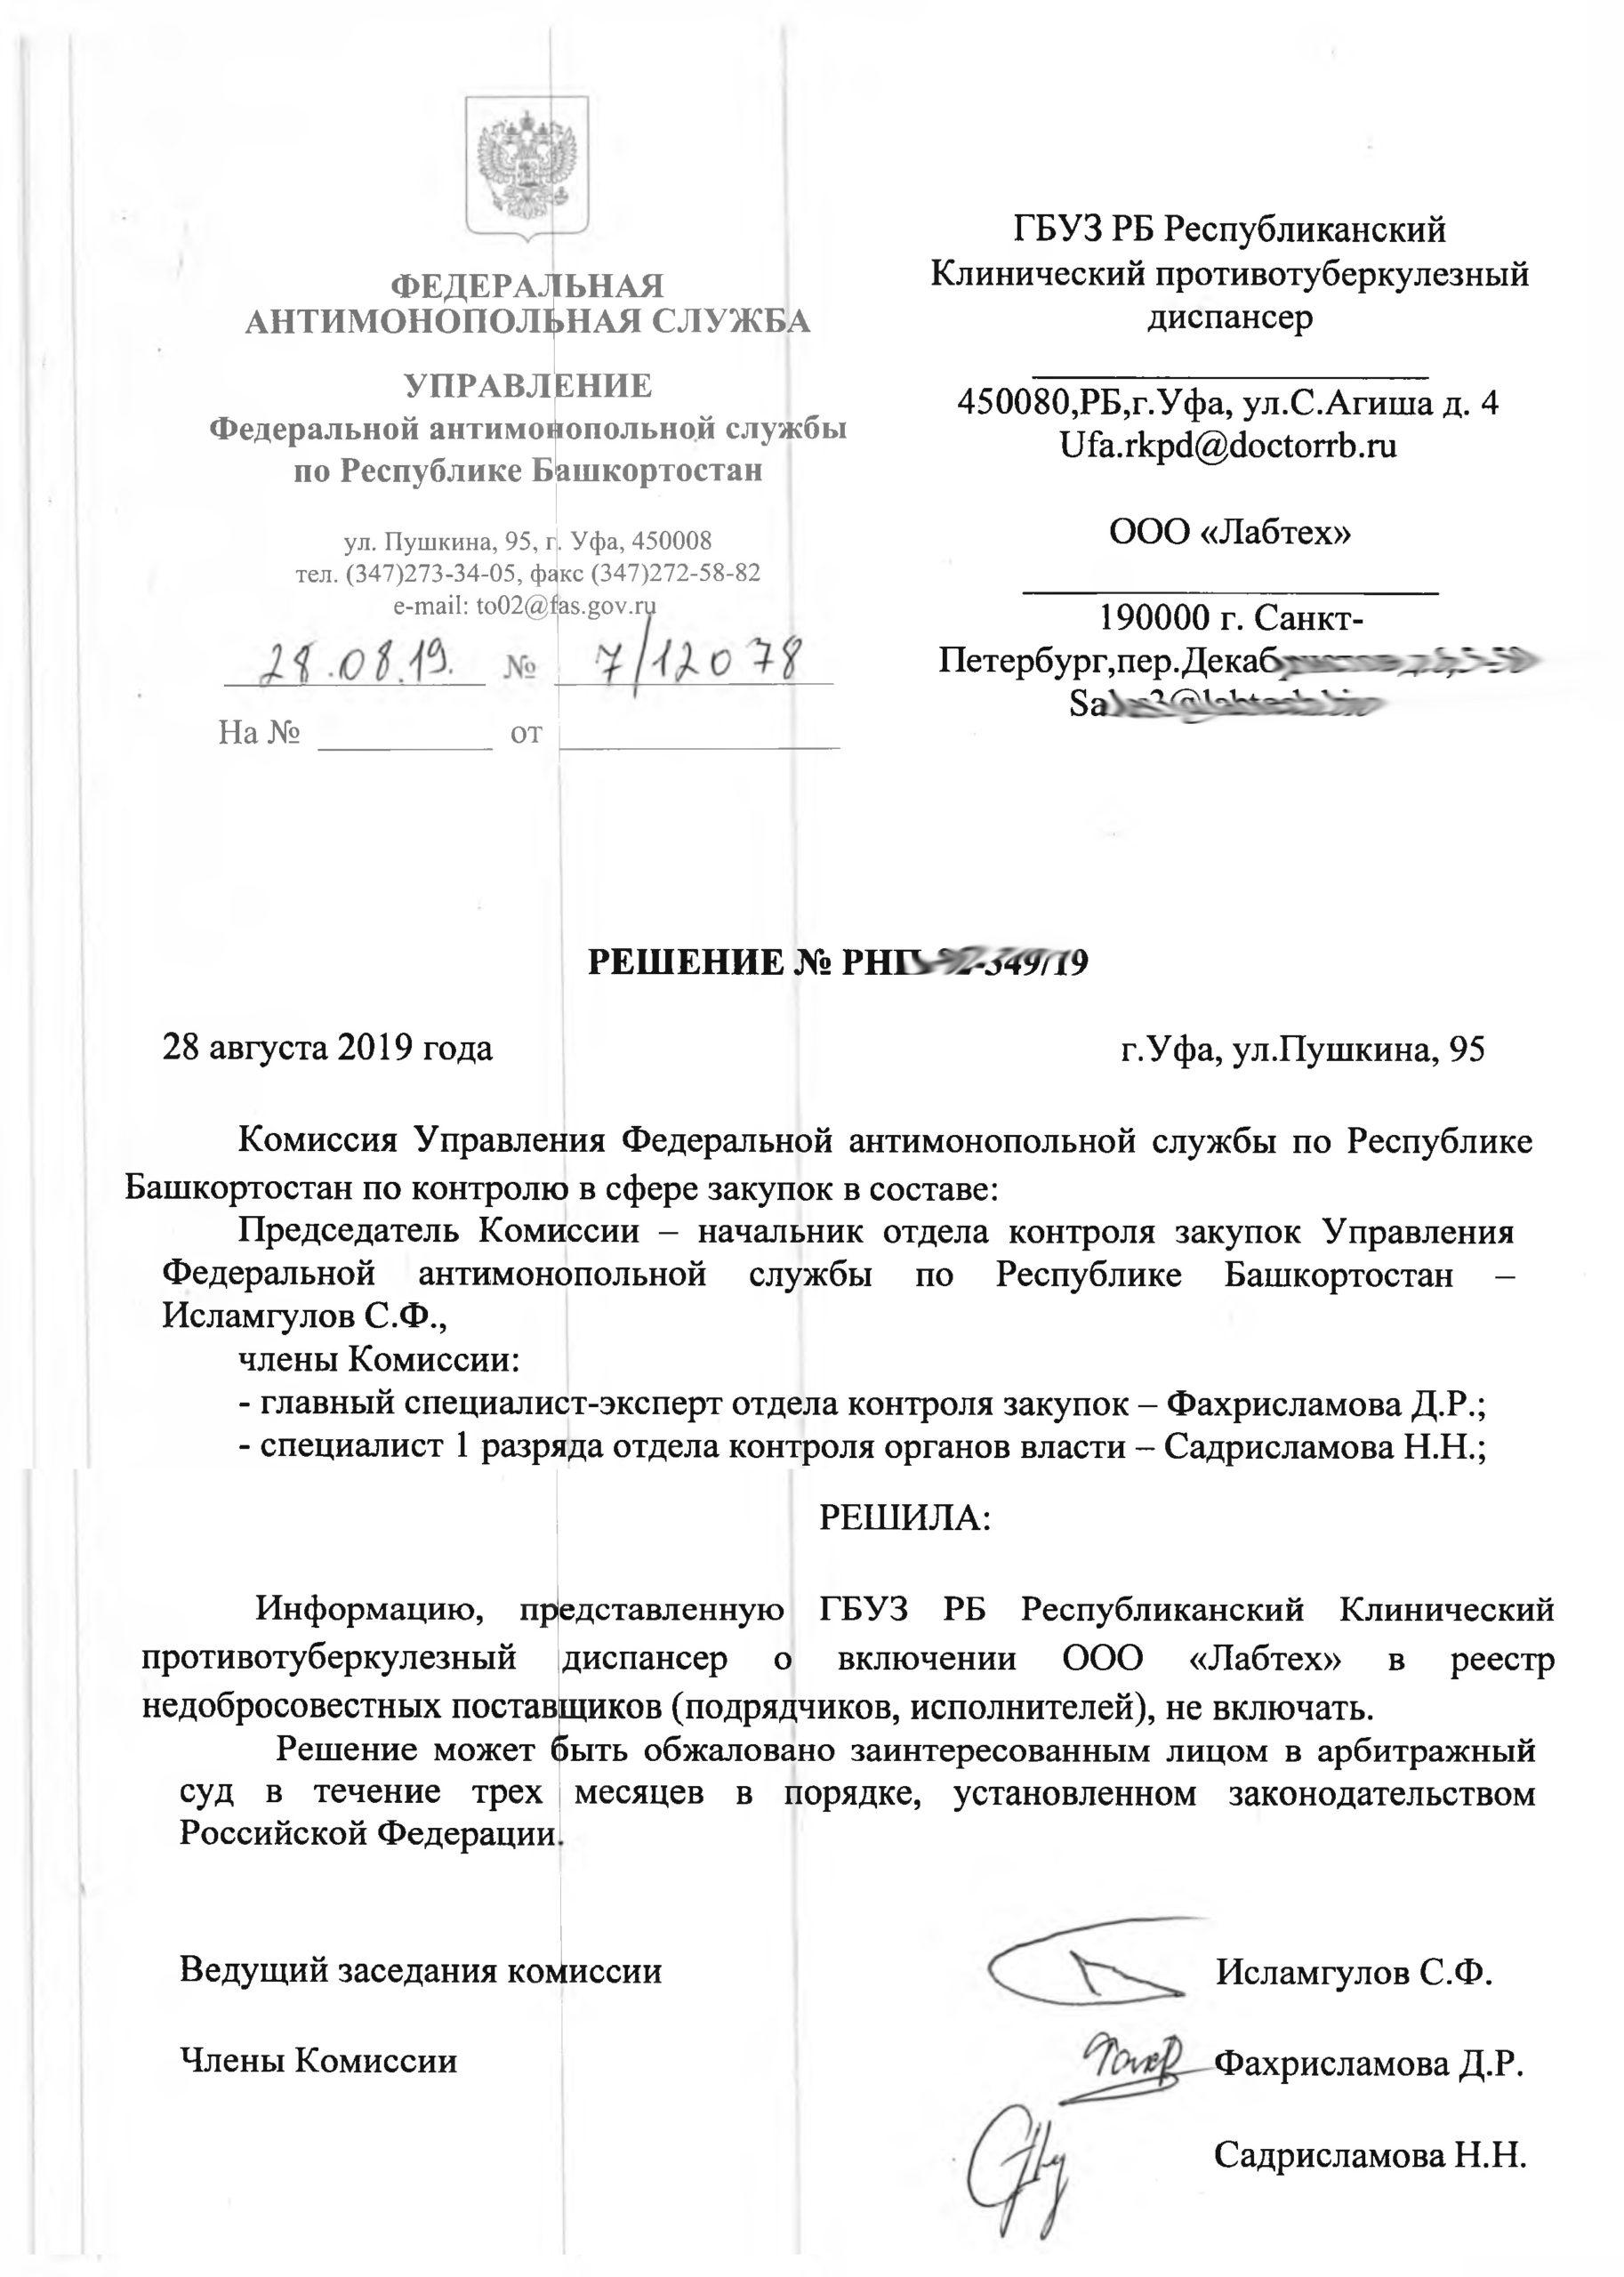 Башкирский УФАС Лабтех -1